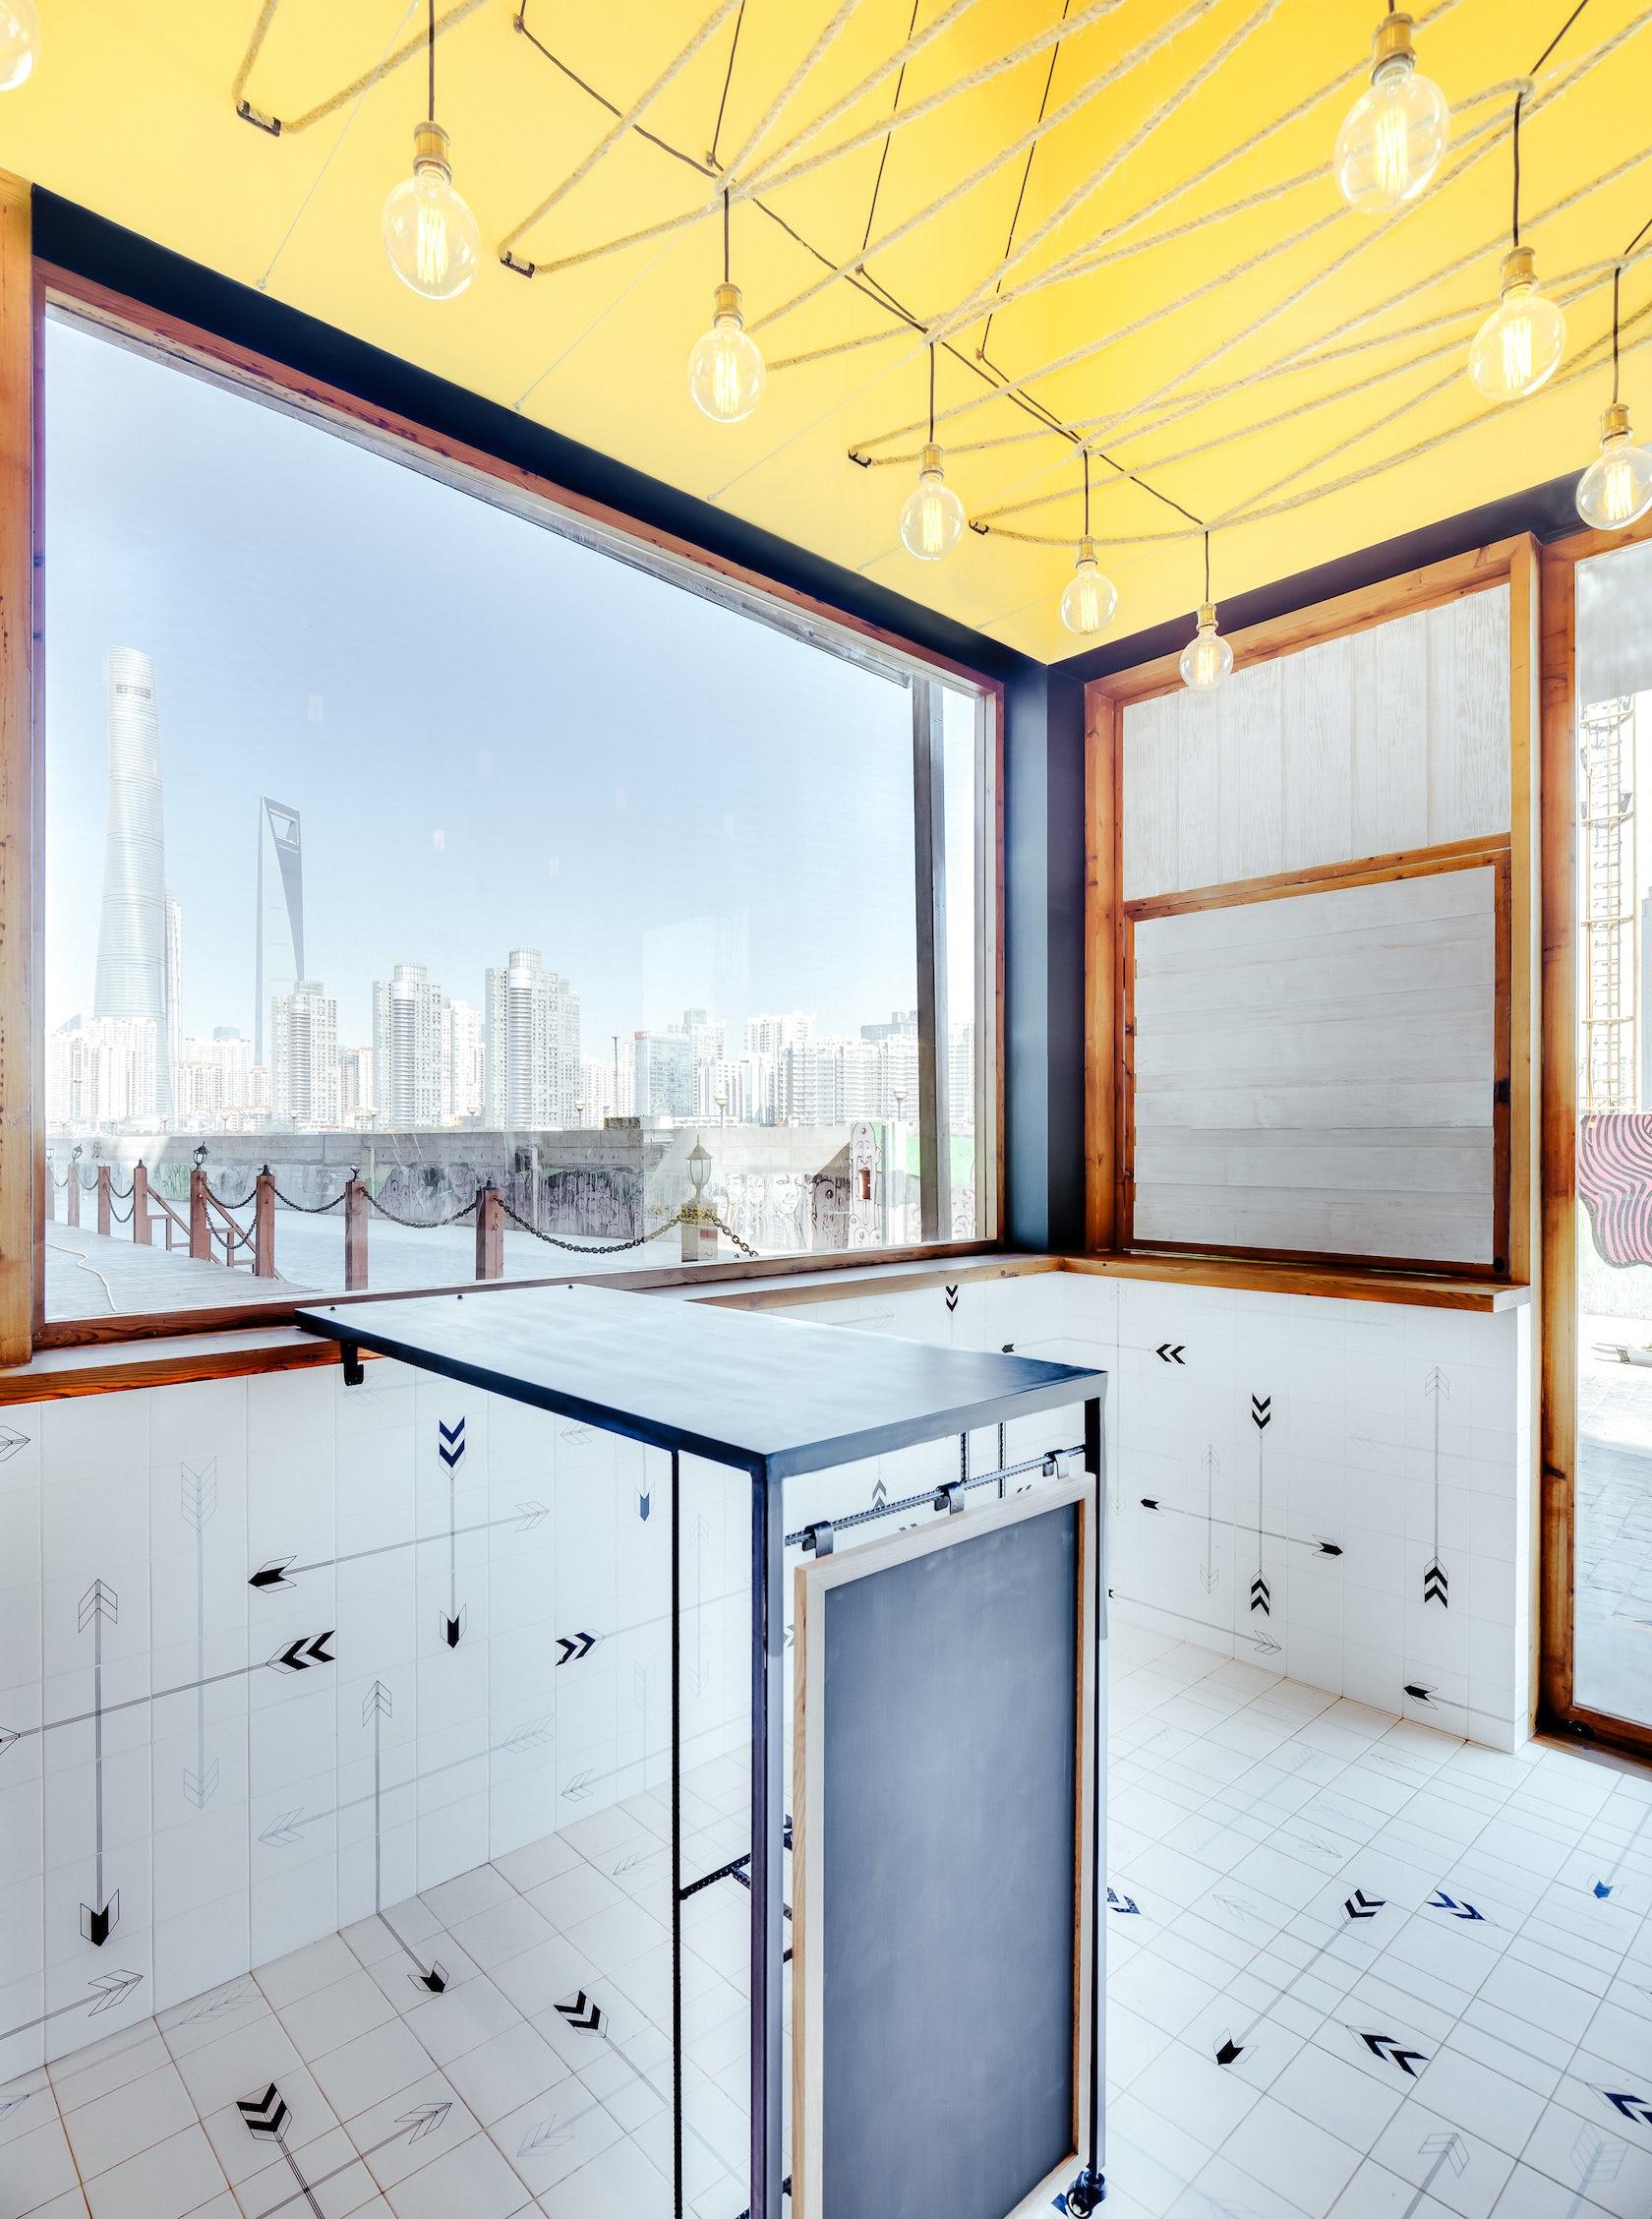 lone ranger hot dog shop architizer. Black Bedroom Furniture Sets. Home Design Ideas